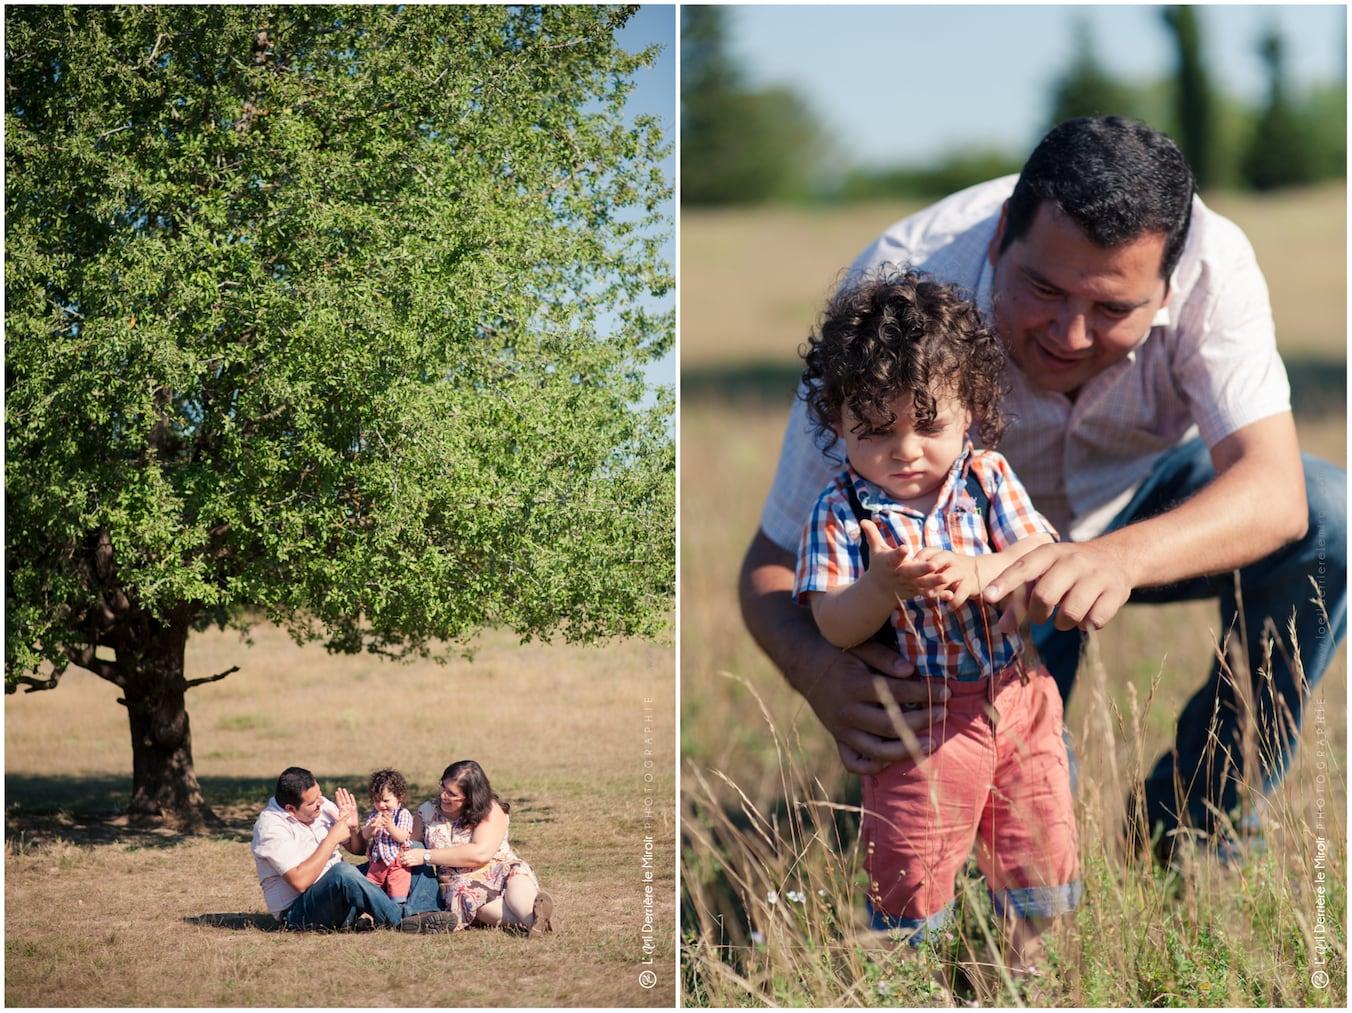 Photographe-de-famille-Teo-001d